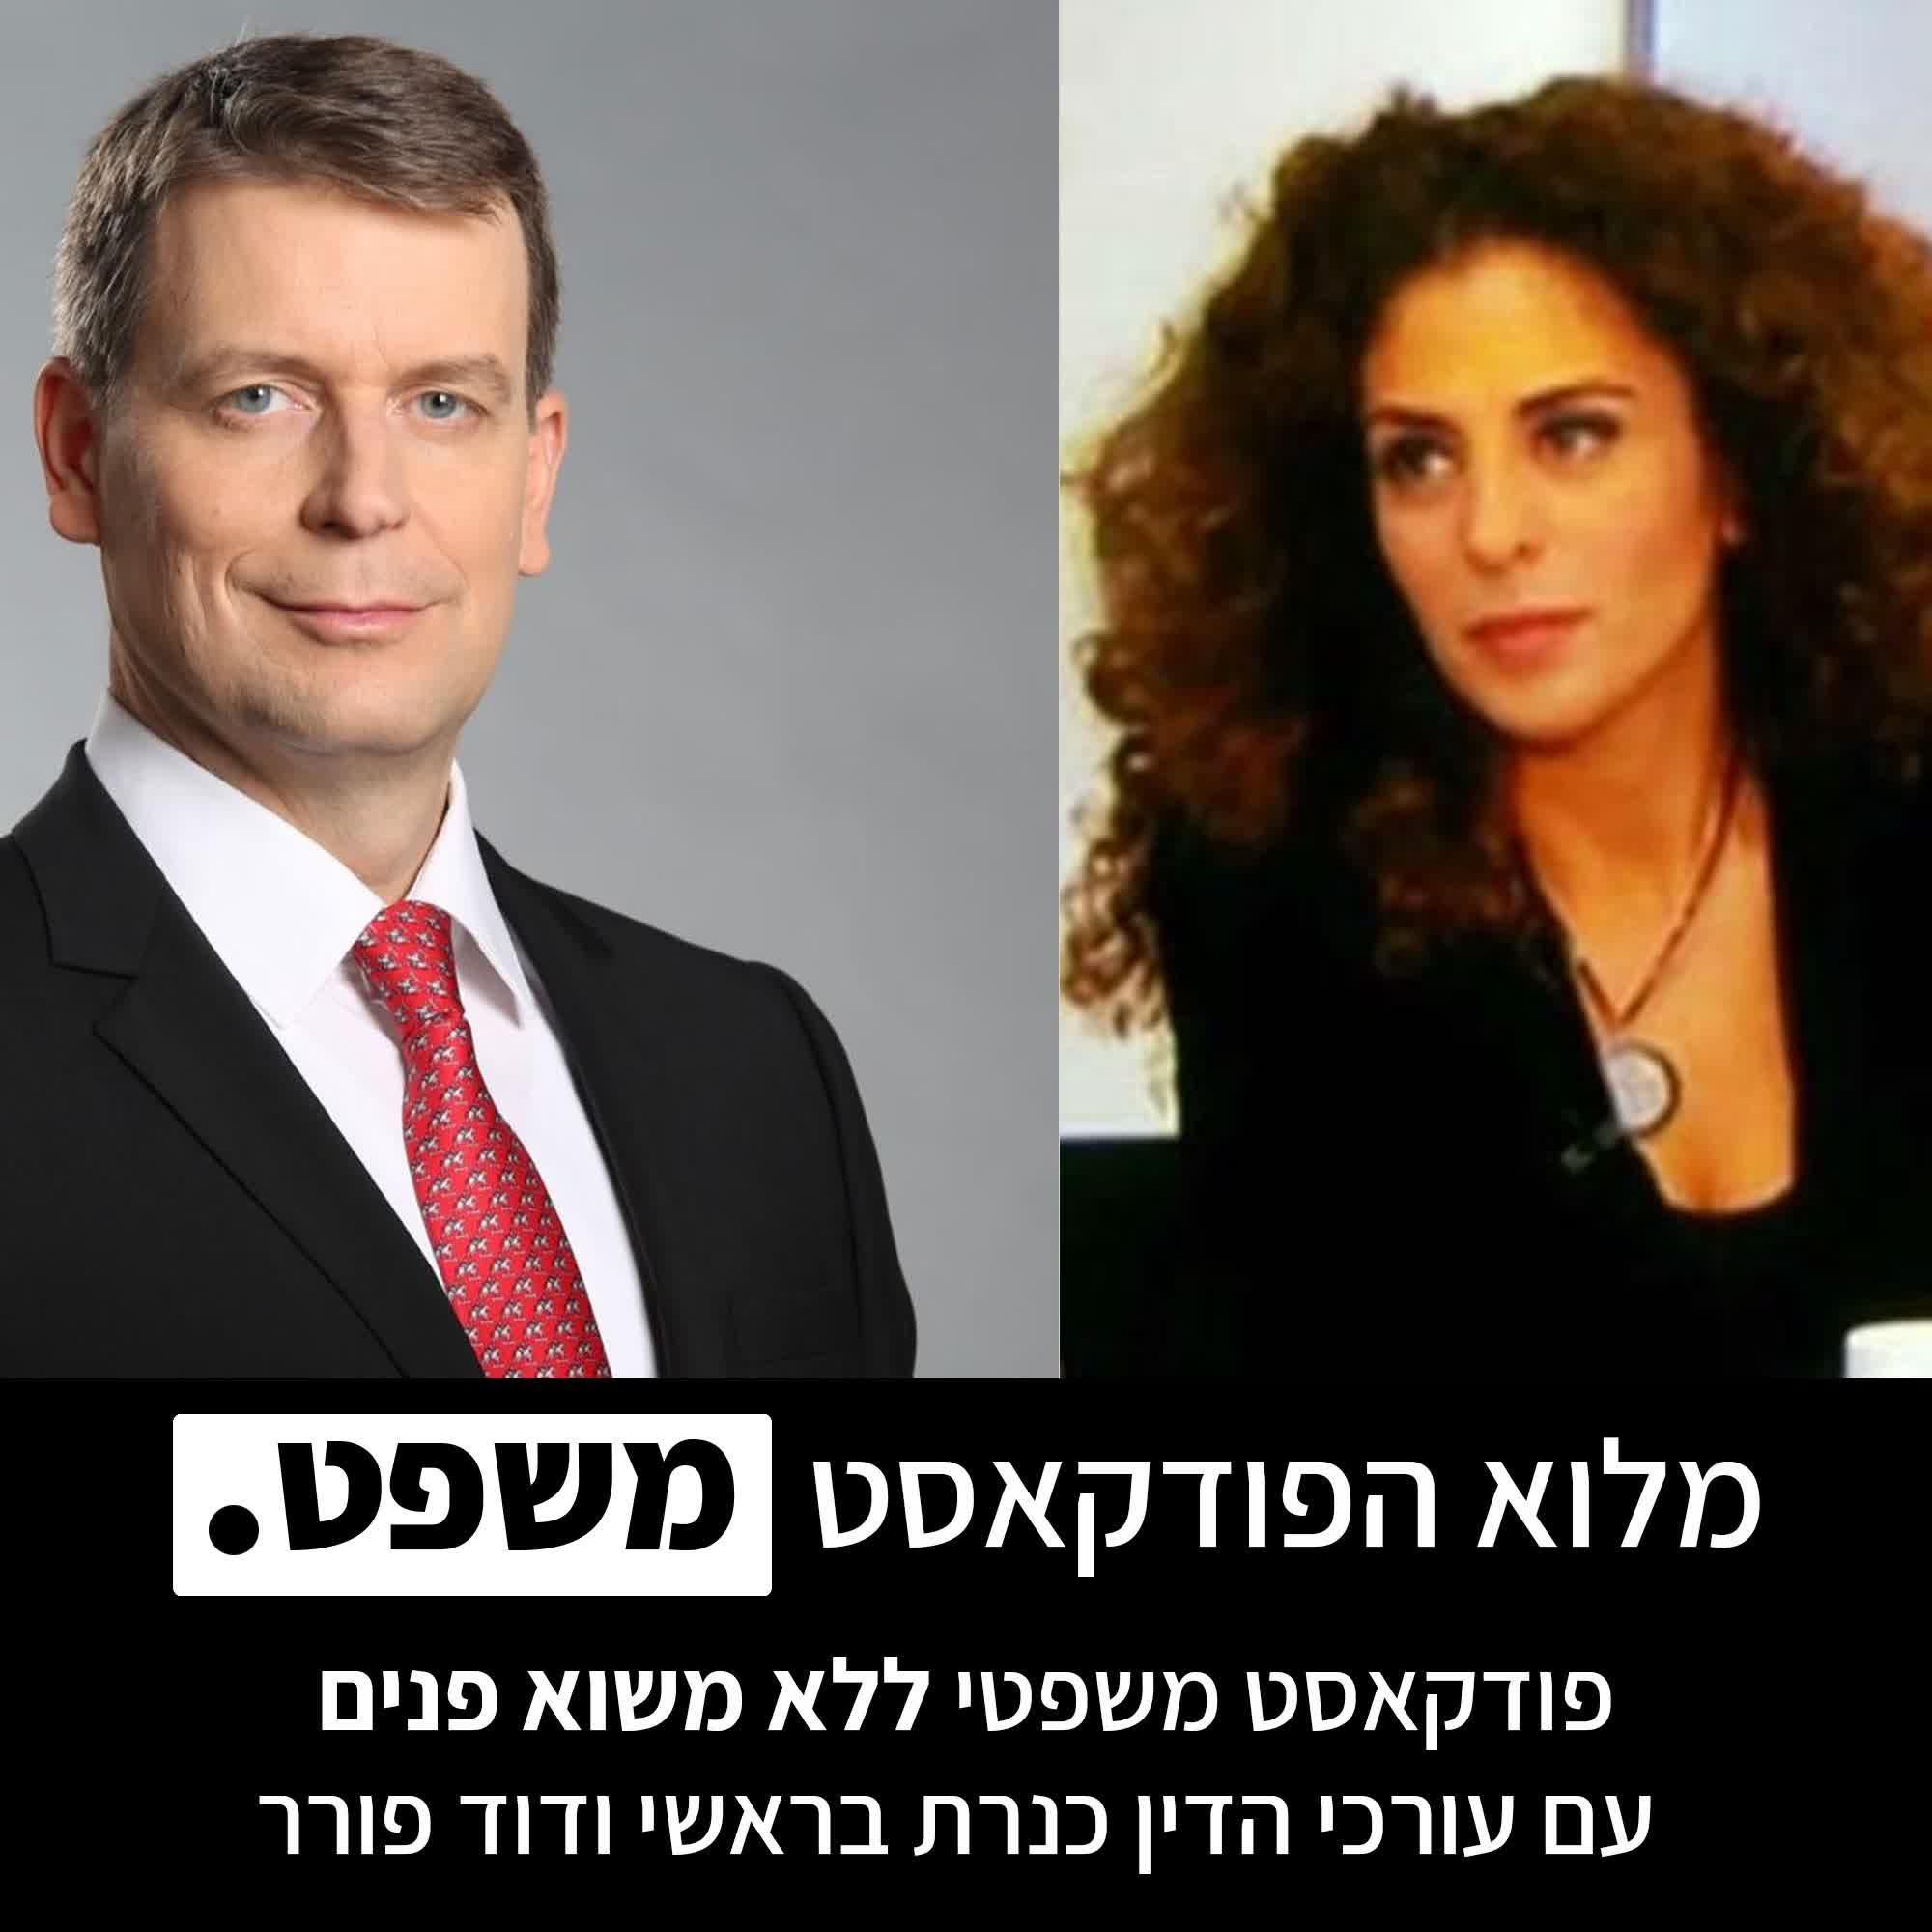 מלוא הפודקאסט משפט - עם עורכי הדין כנרת בראשי ודוד פורר